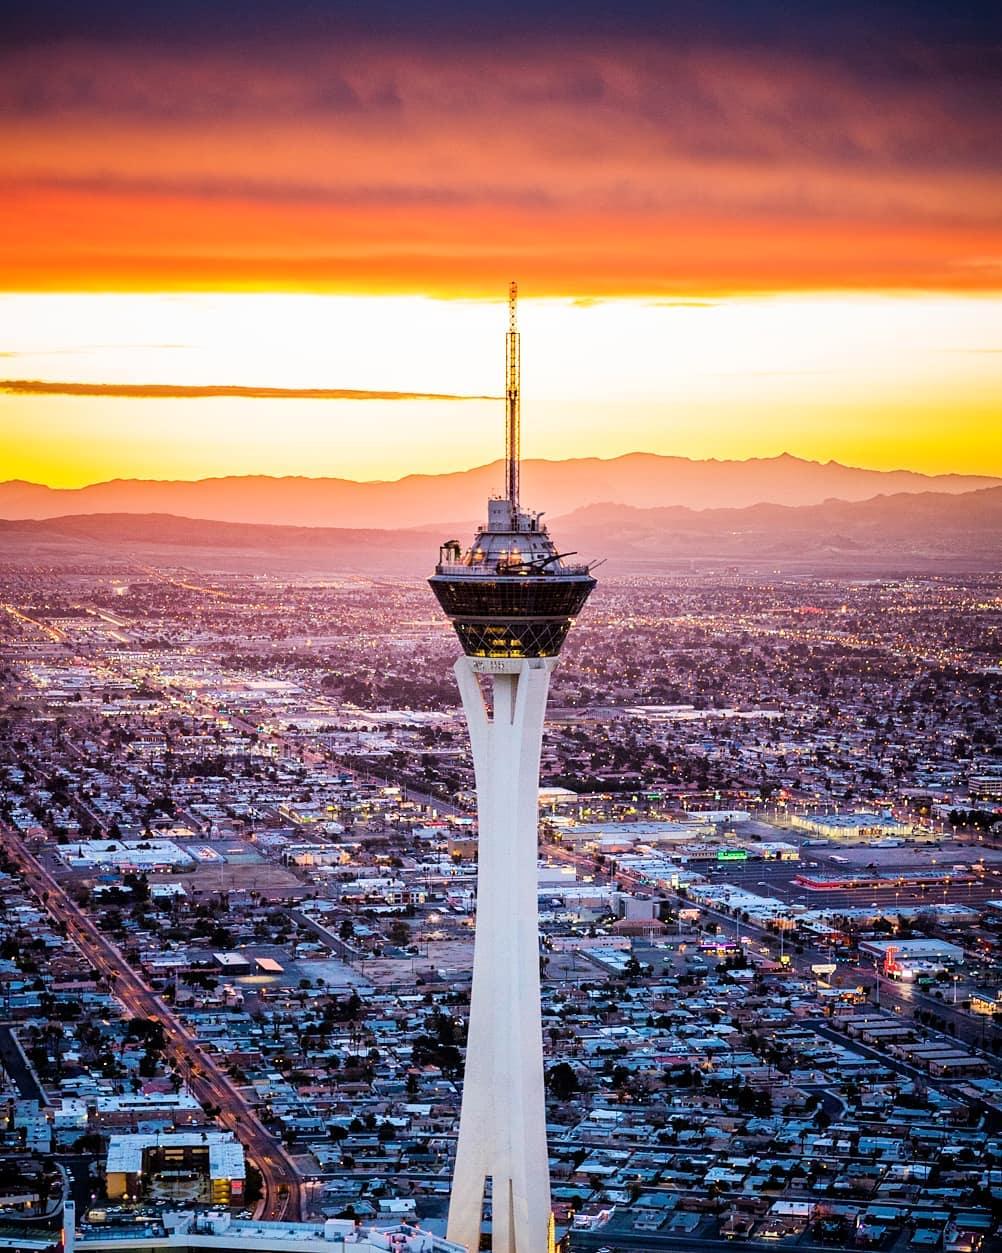 Sunrise behind the Stratosphere in Las Vegas.